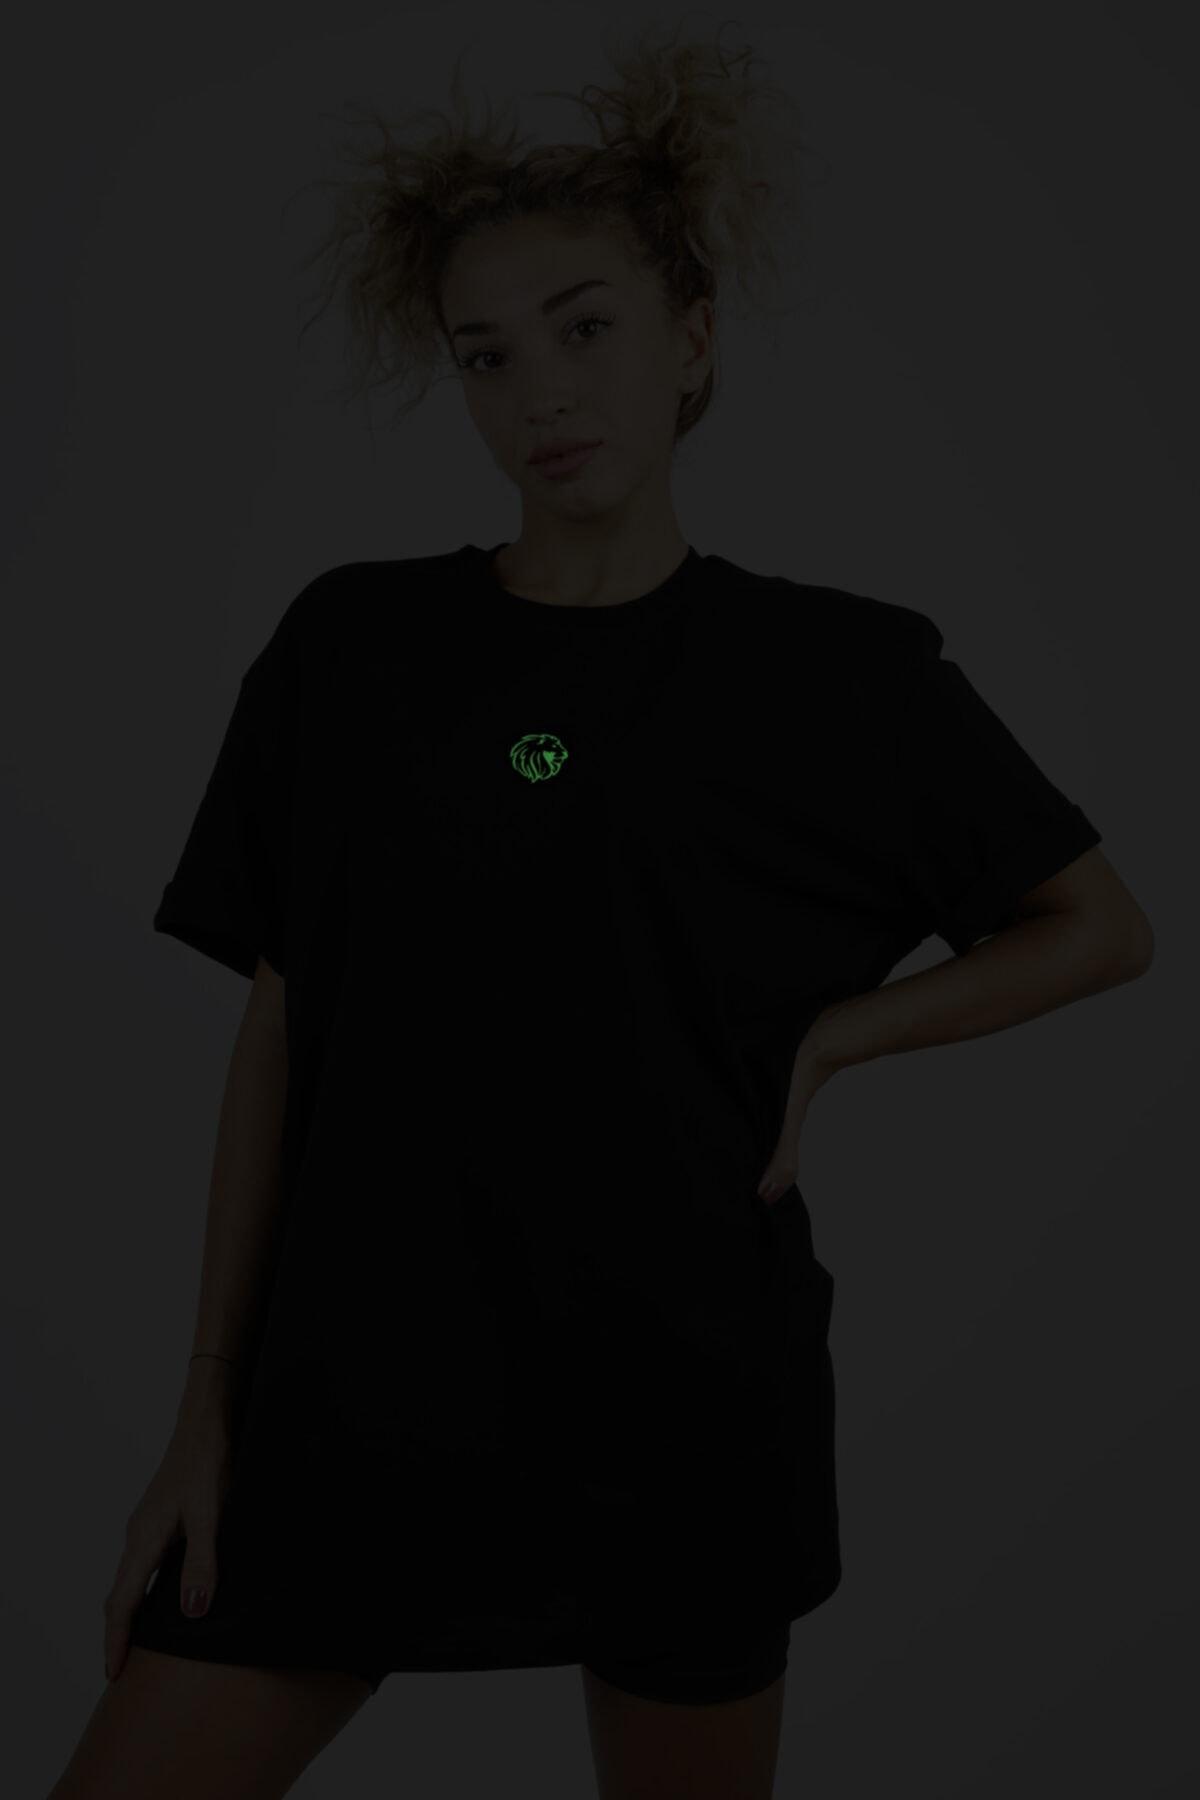 JANQ LIONA Kadın Siyah Fosfor Çivi Baskılı T-Shirt 2